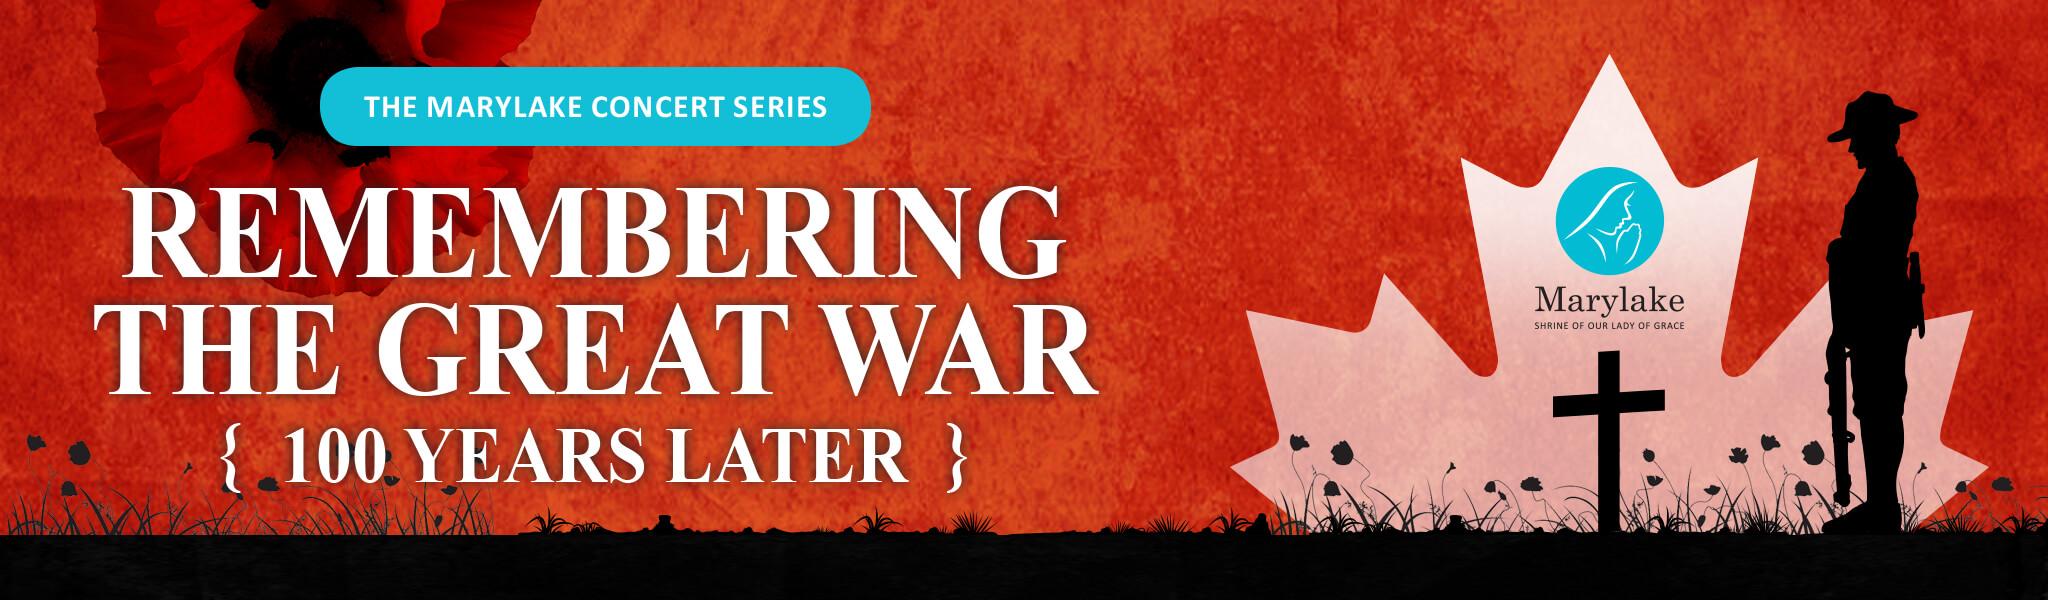 remembering_the_war_banner.jpg